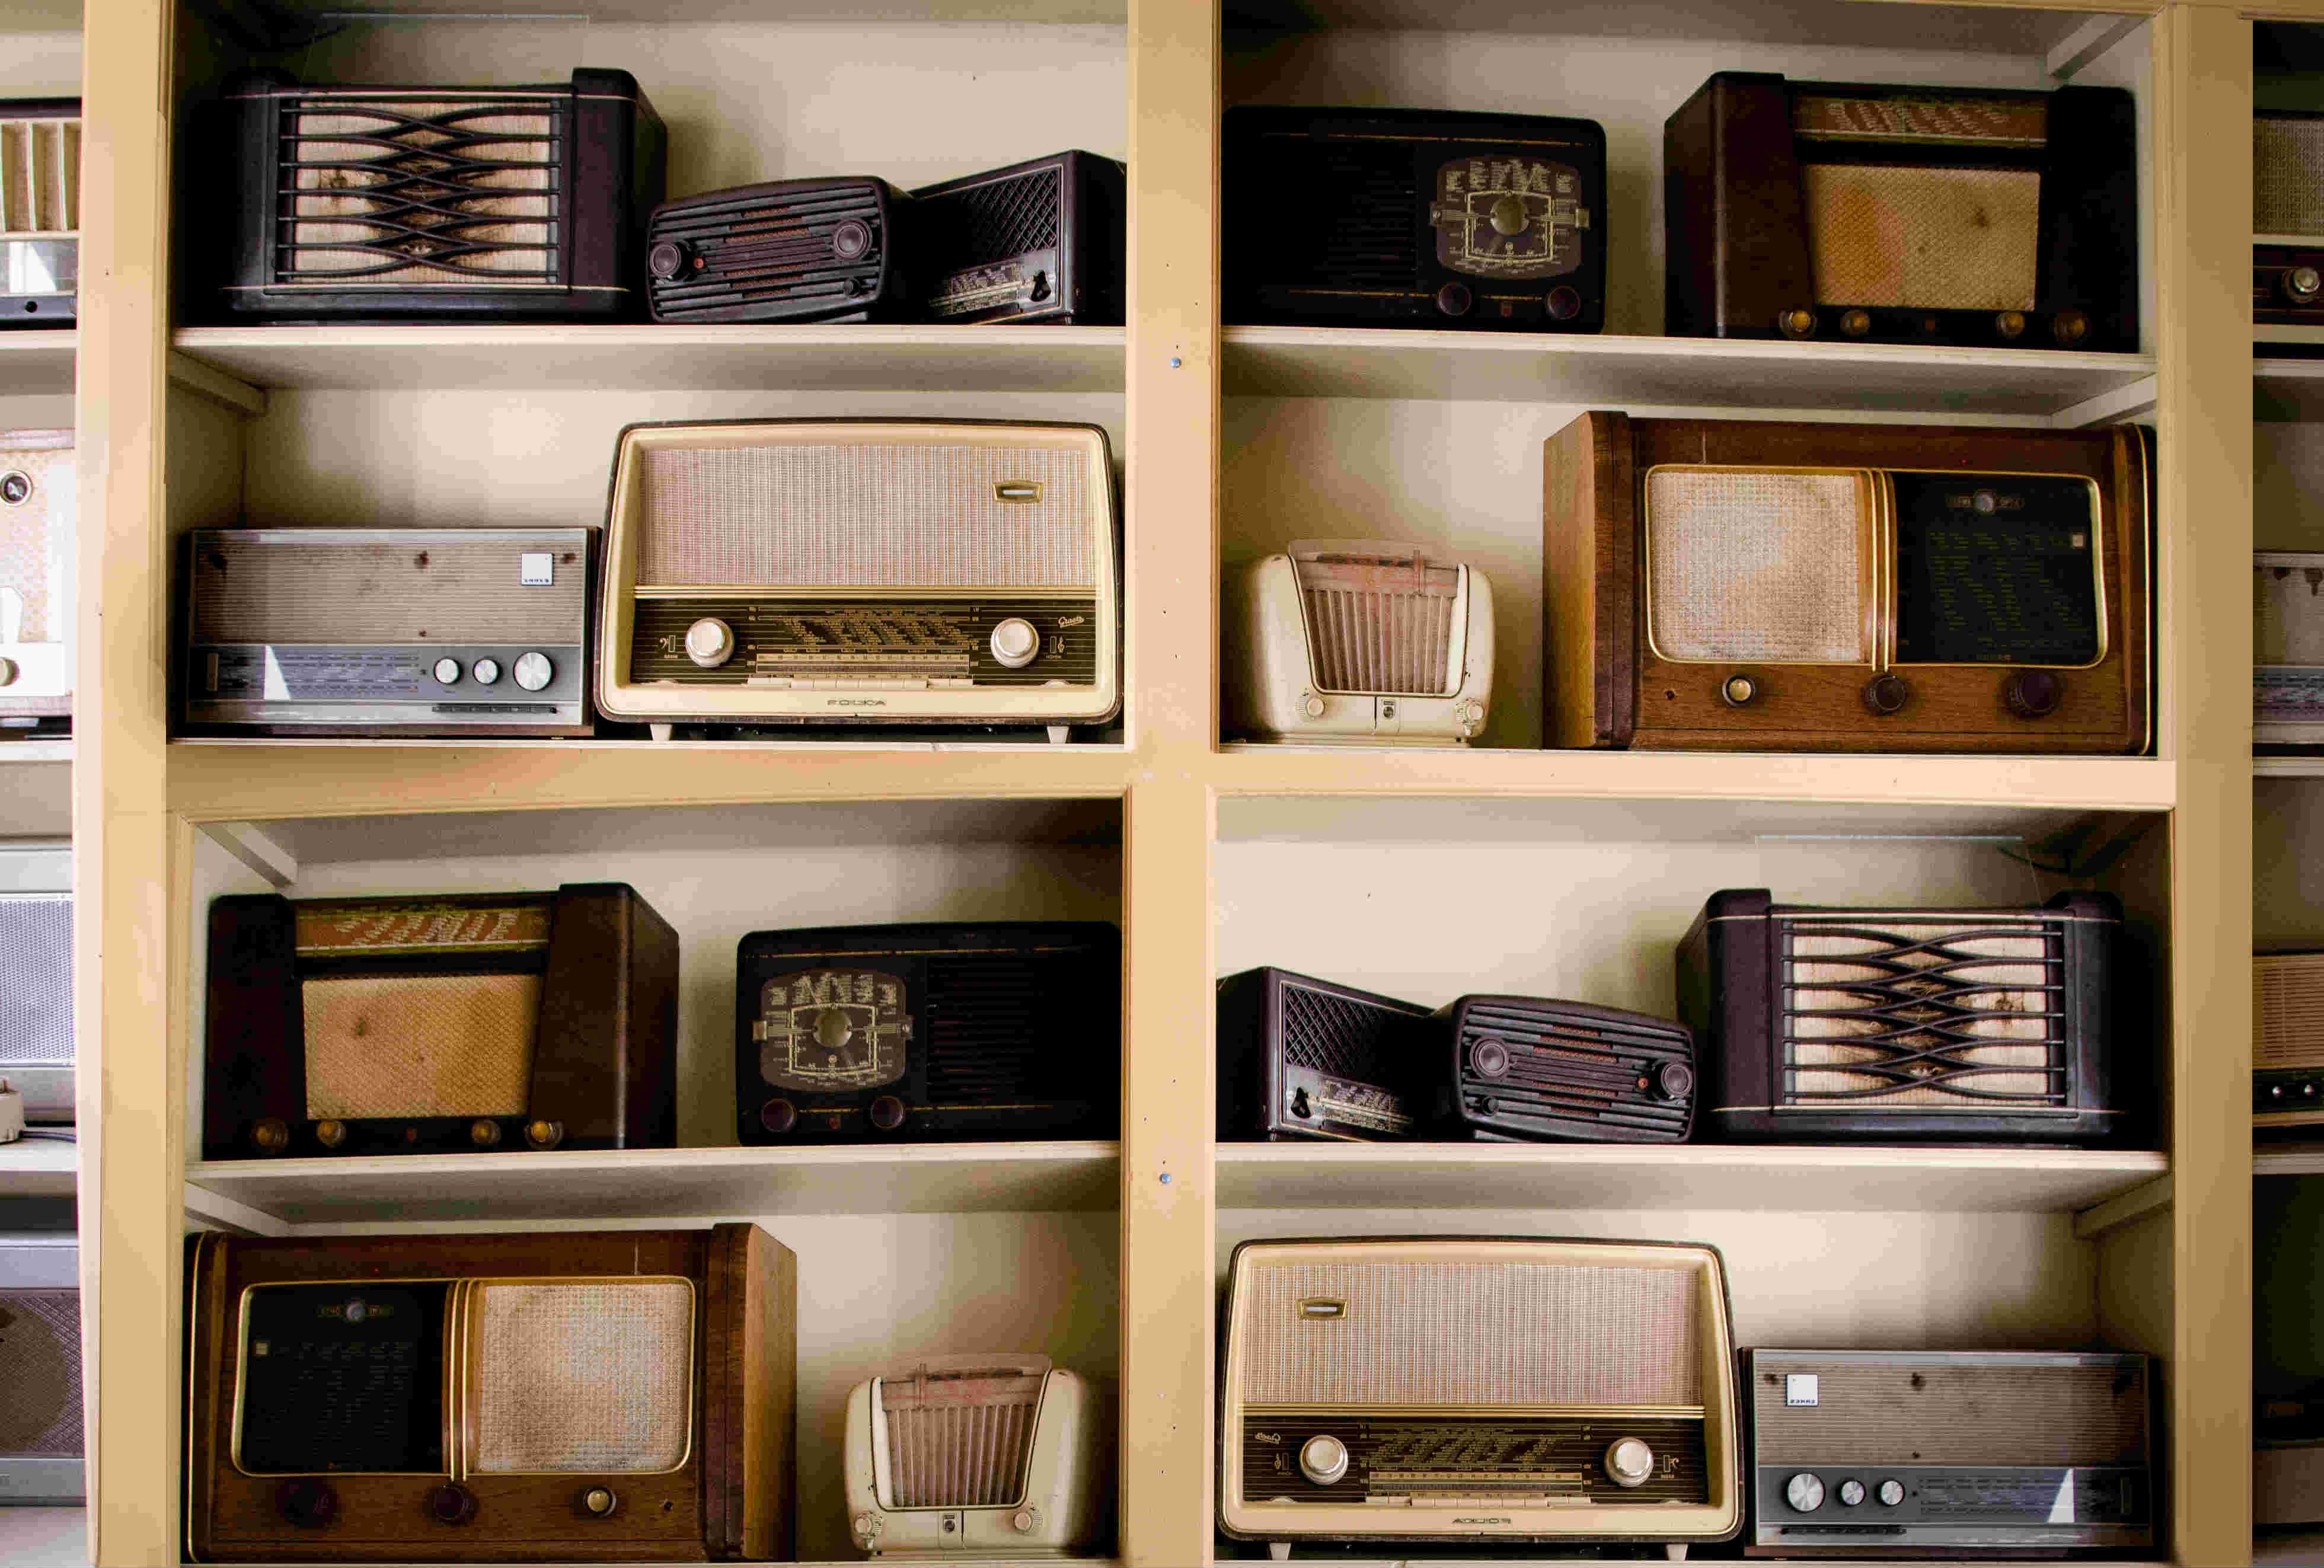 Rumah Minimalis Bergaya Vintage Yang Penuh Kenangan Manis Real